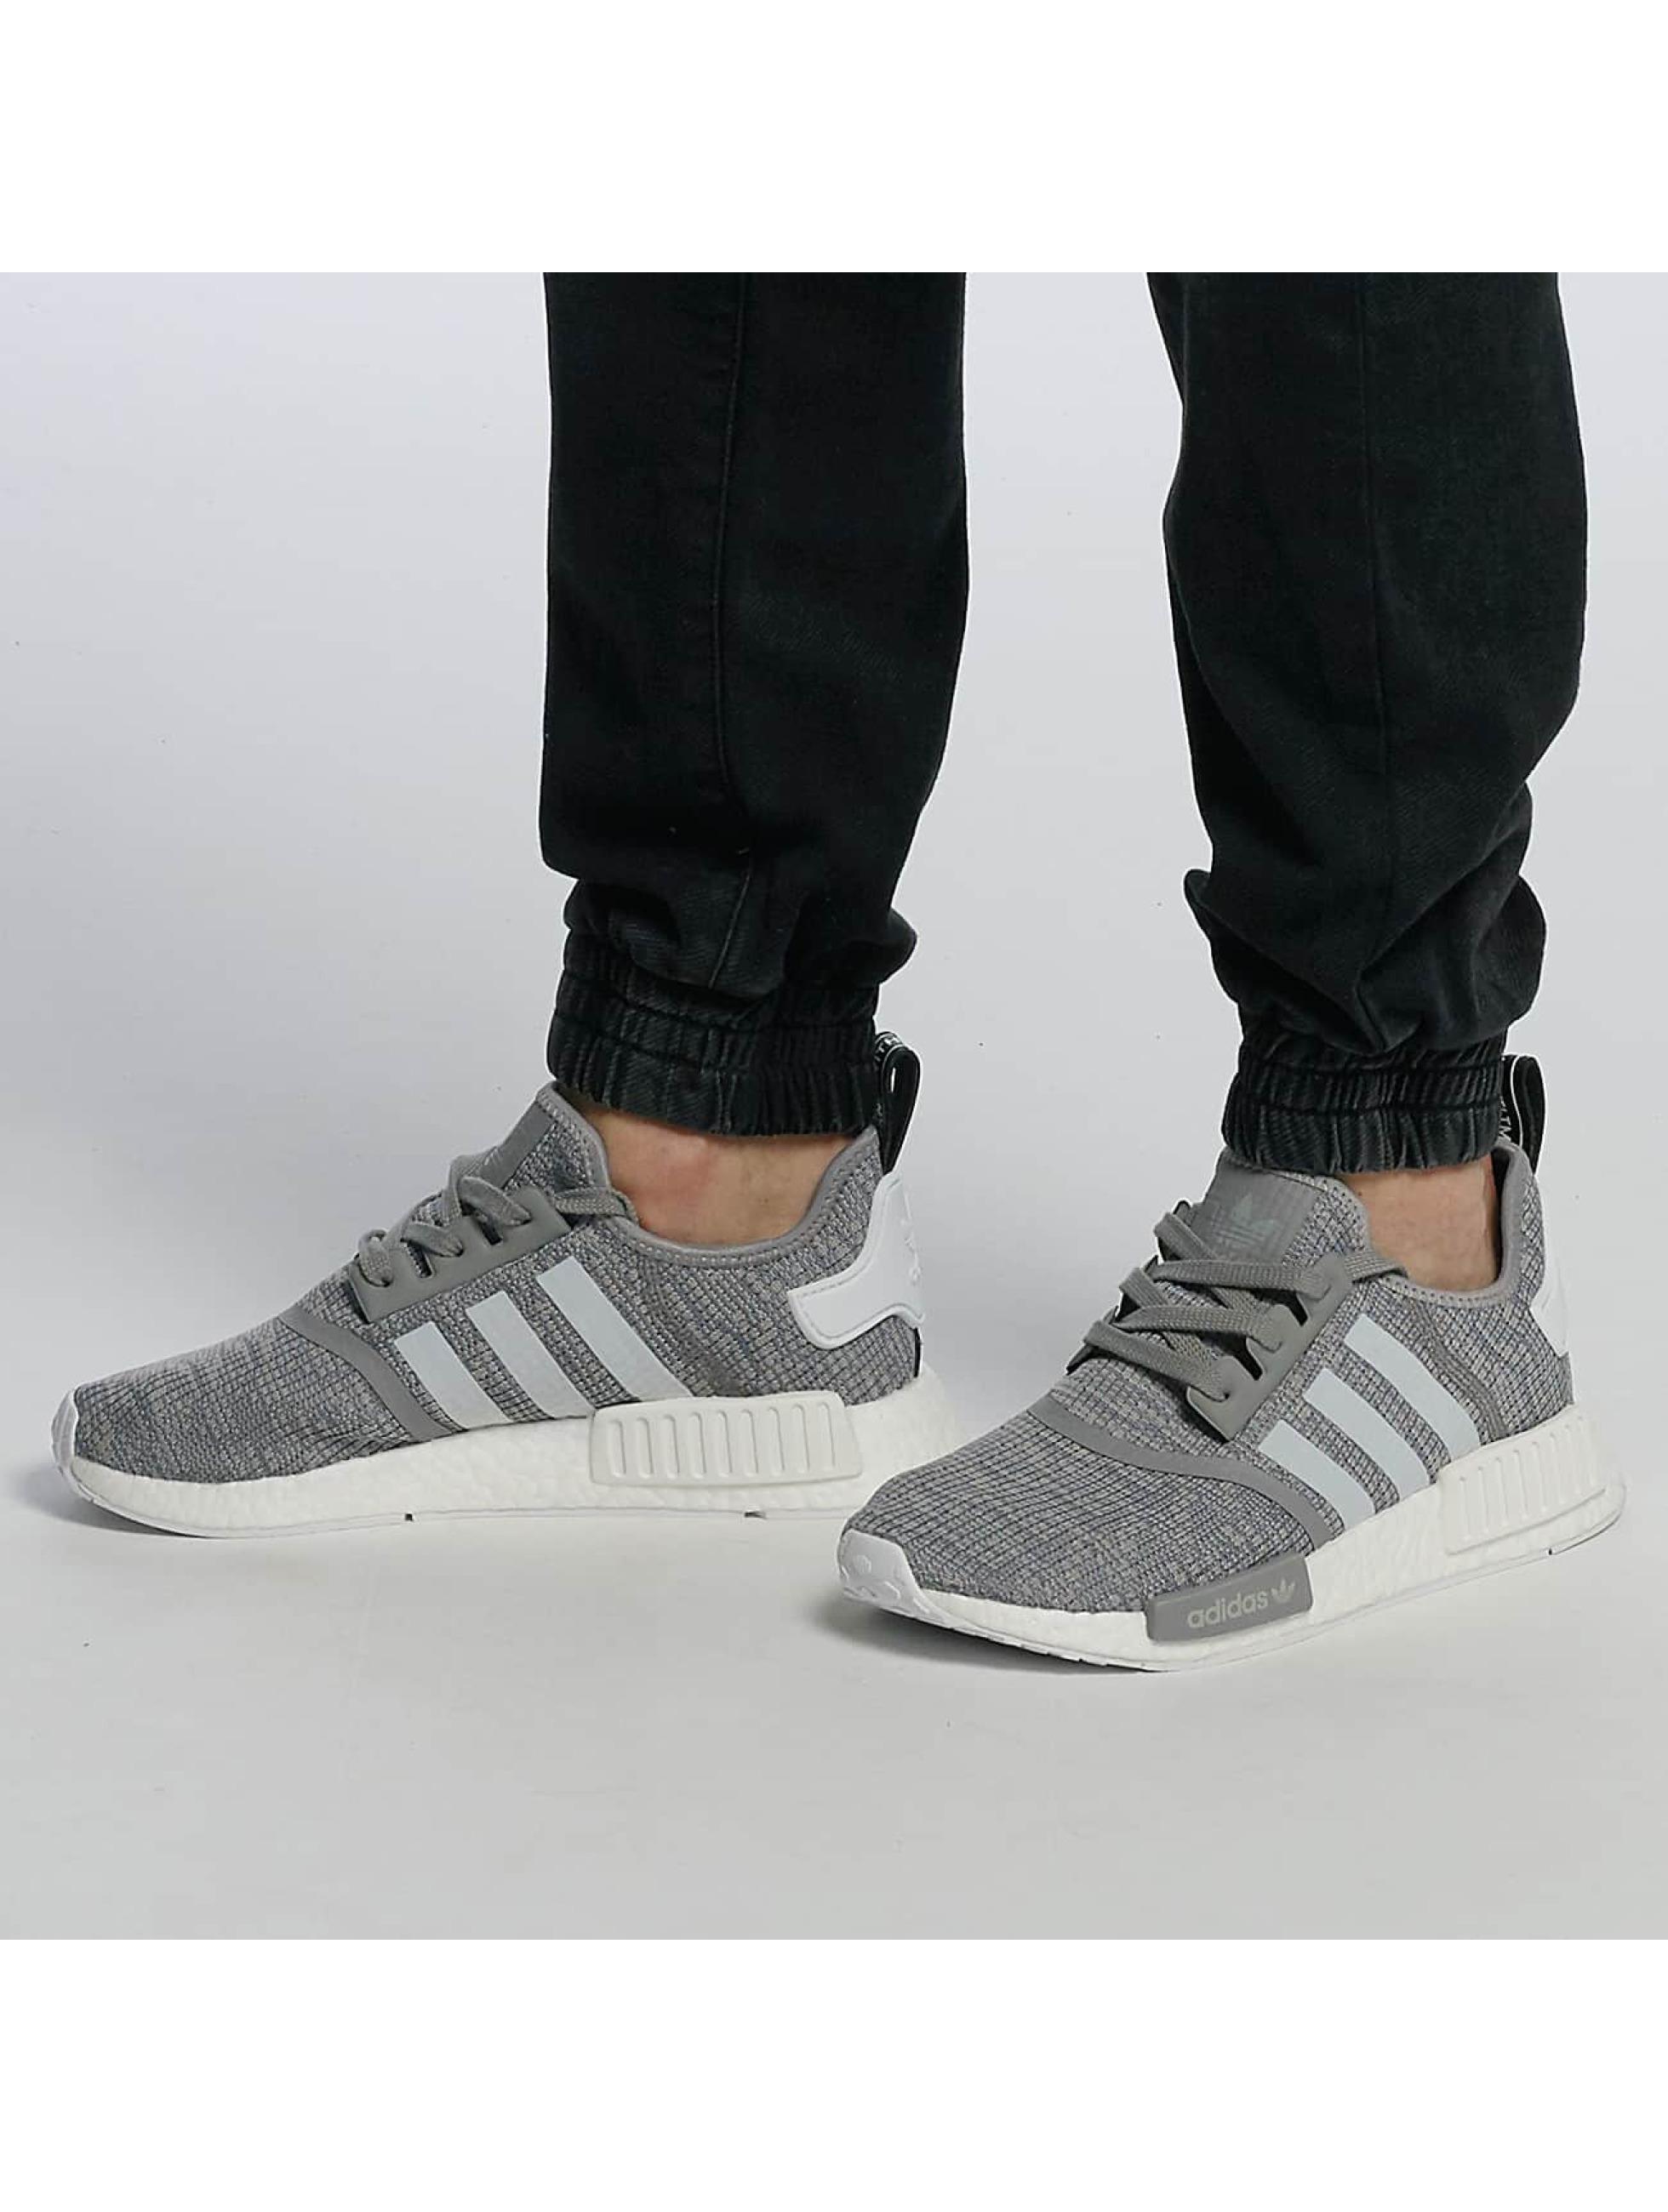 Sneaker NMD R1 in grau